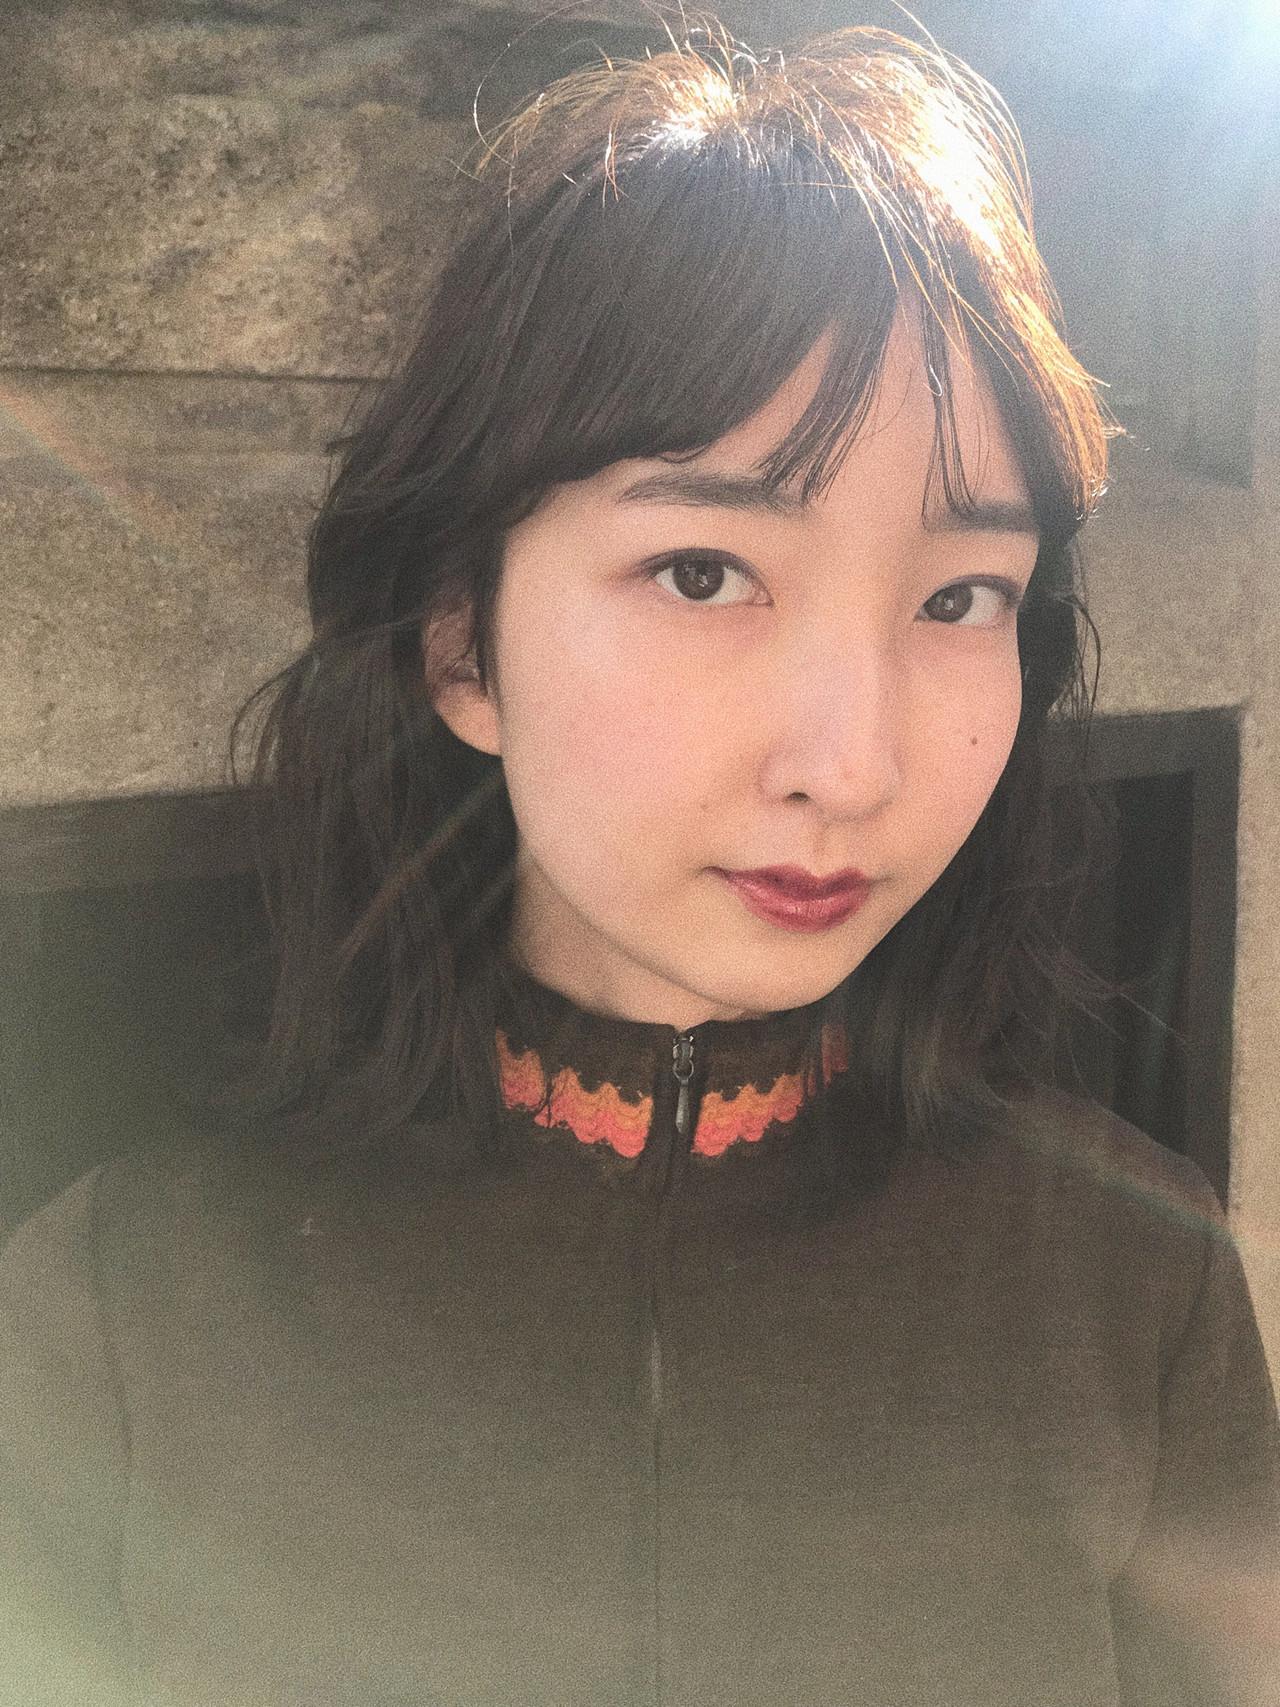 ミディアム レイヤーカット モード 大人かわいい ヘアスタイルや髪型の写真・画像